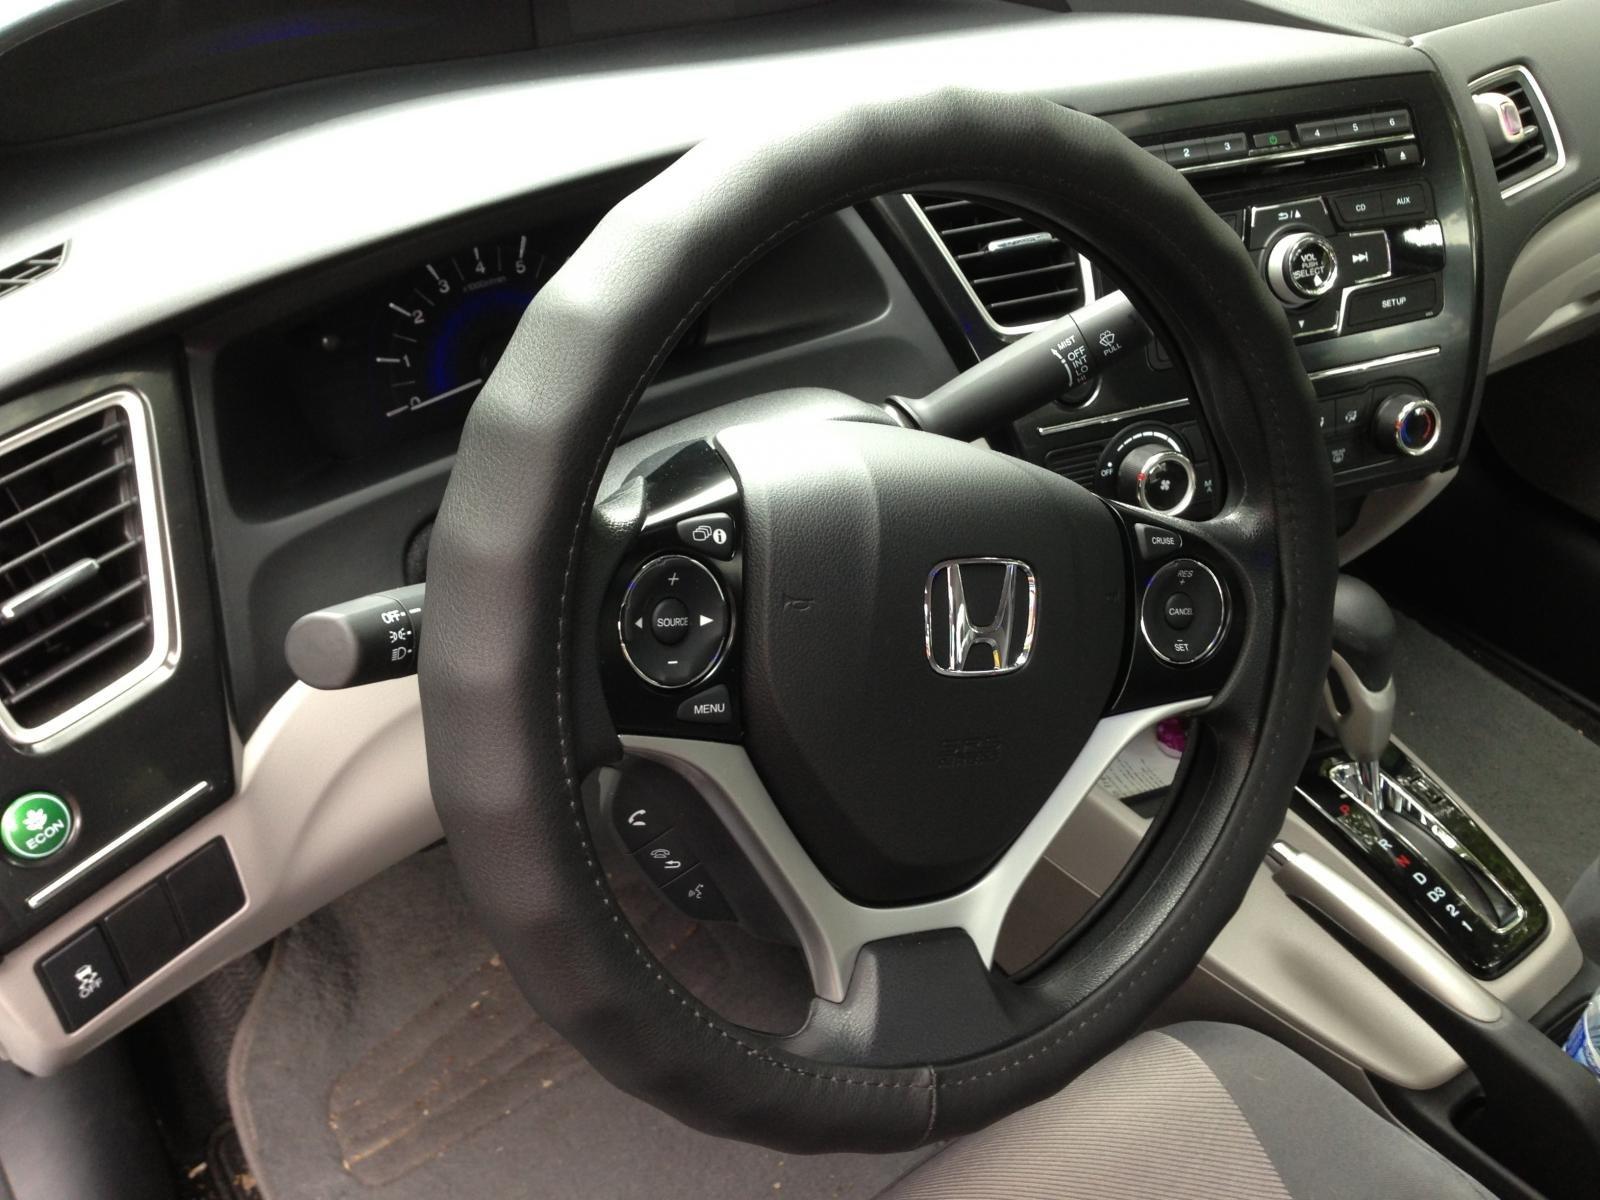 Steering wheel cover that fits img_1622 jpg